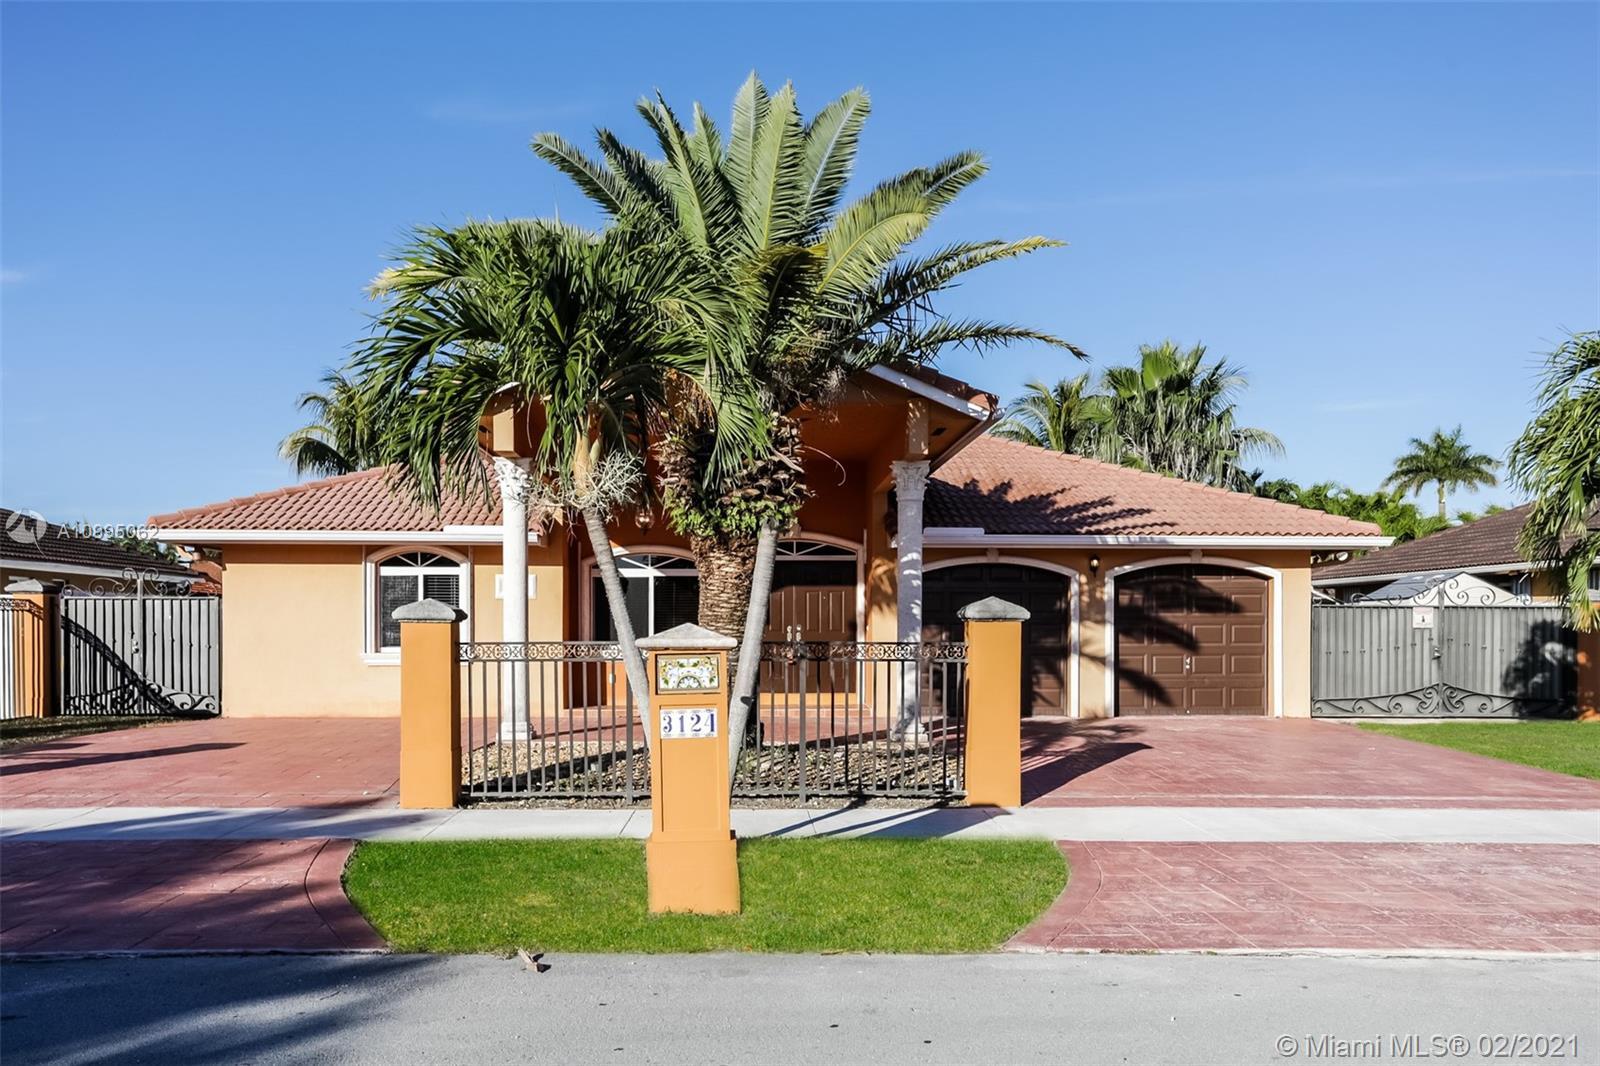 J G Heads Farms - 3124 SW 142nd Pl, Miami, FL 33175